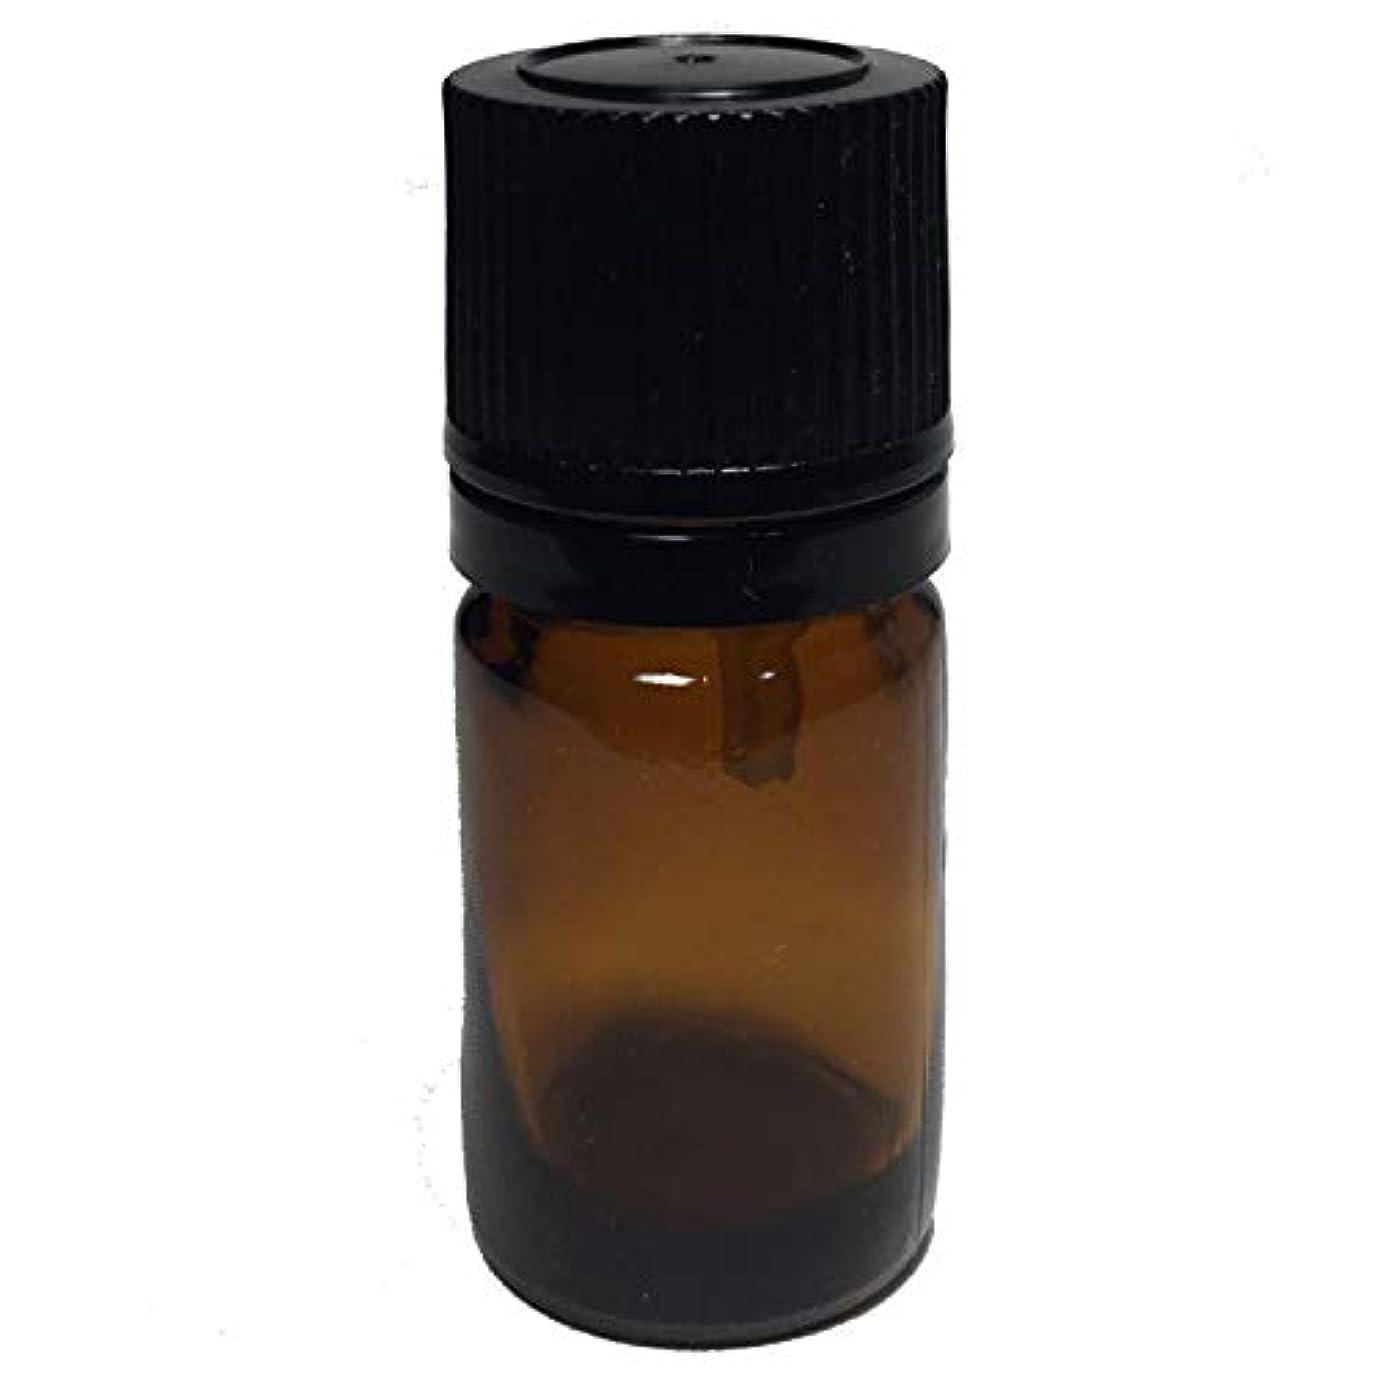 割り当てるパーティー議題エッセンシャルオイル用茶色遮光瓶 ドロッパー付き(黒キャップ) 5ml ガラスビン 10本セット